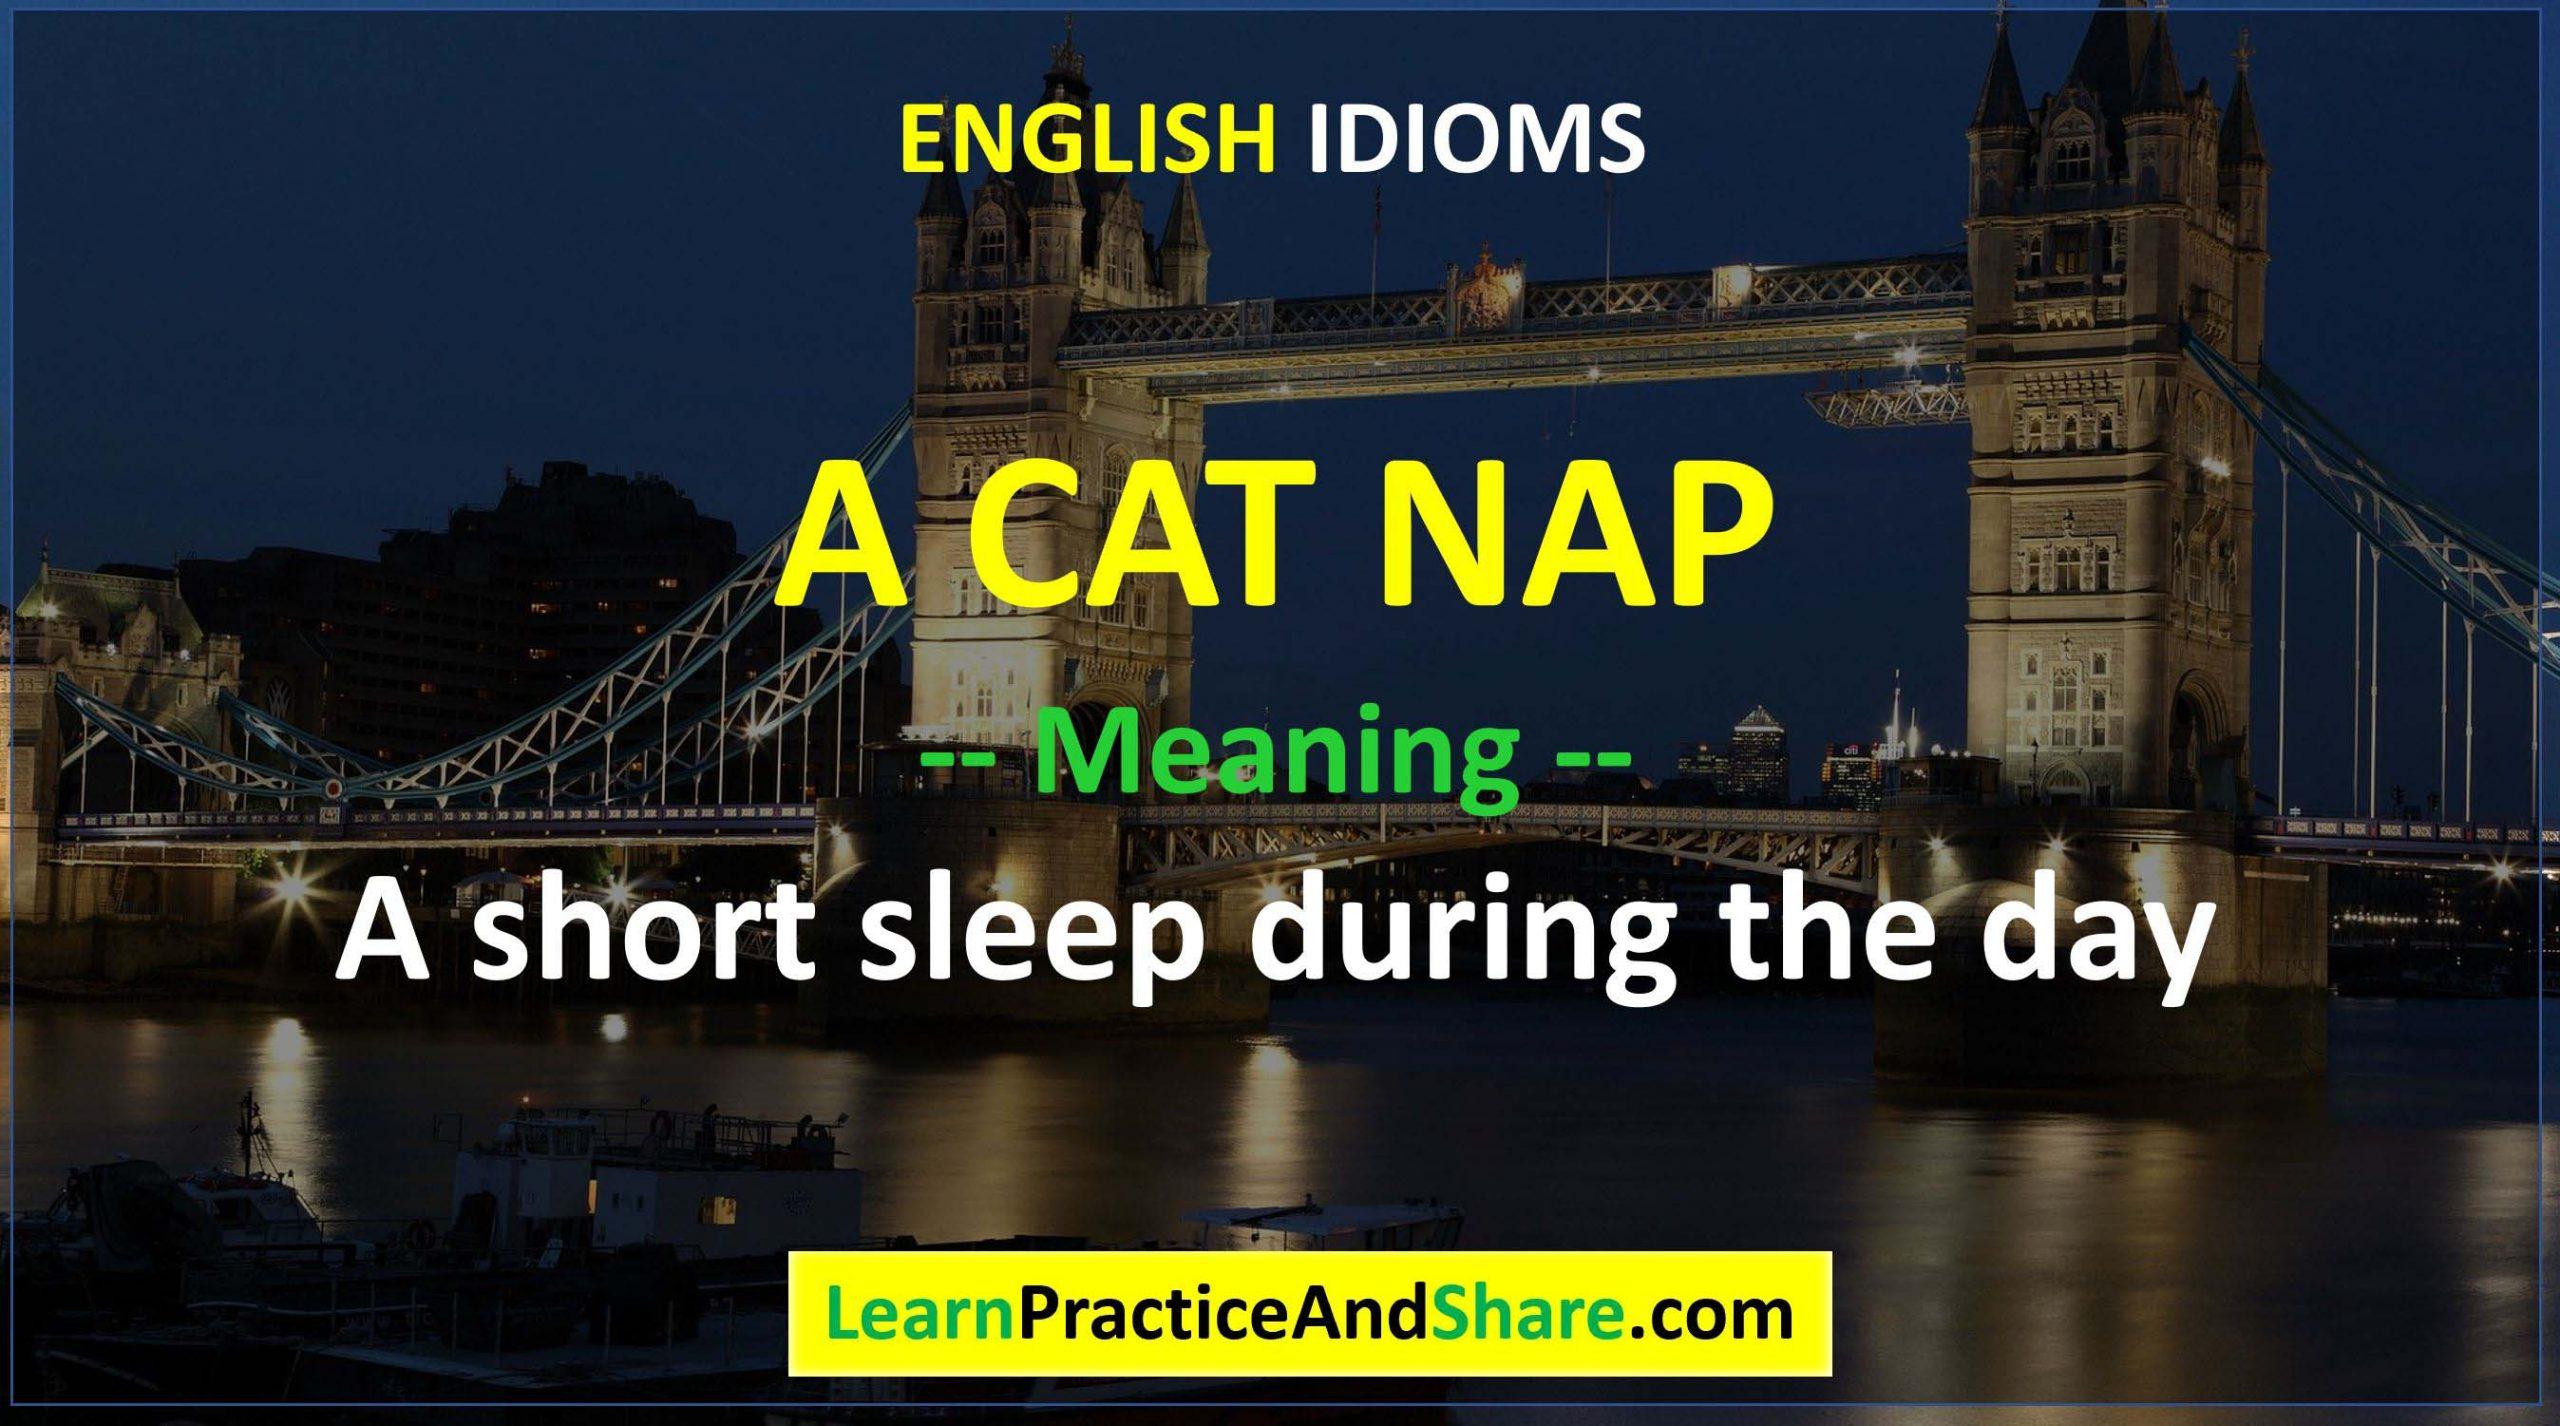 English Idiom - A Cat Nap